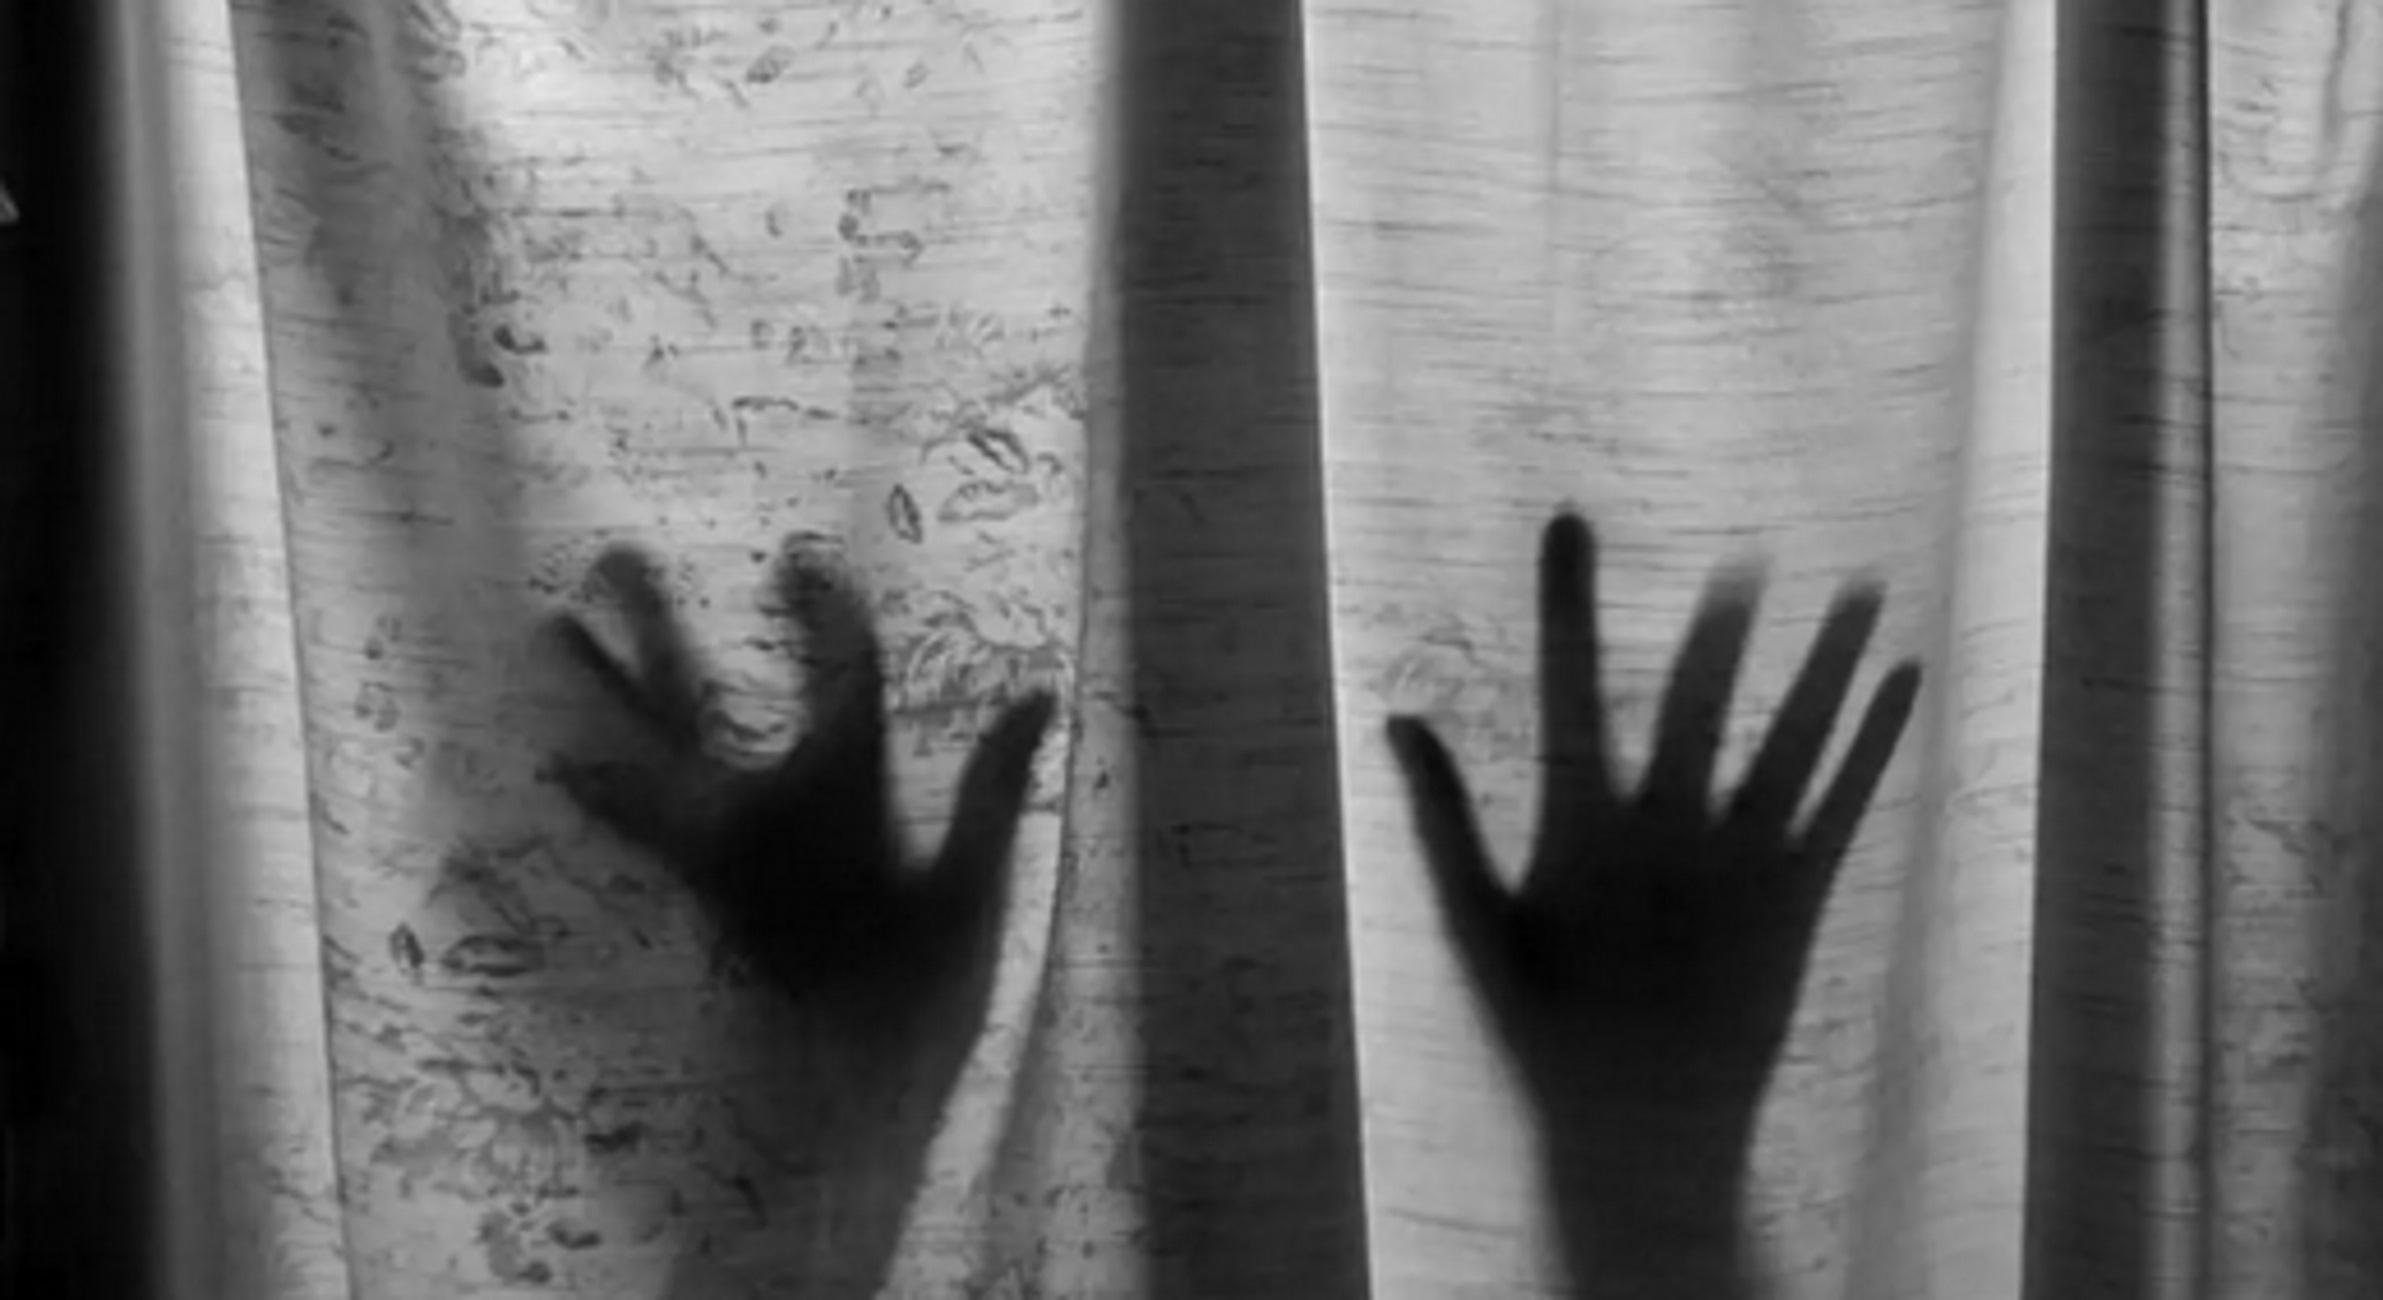 """Φρίκη στην Κρήτη: Σύλληψη κτηνοτρόφου για βιασμό ανήλικης – """"Πάγωσαν"""" οι αστυνομικοί με τα ευρήματα στο σπίτι του"""